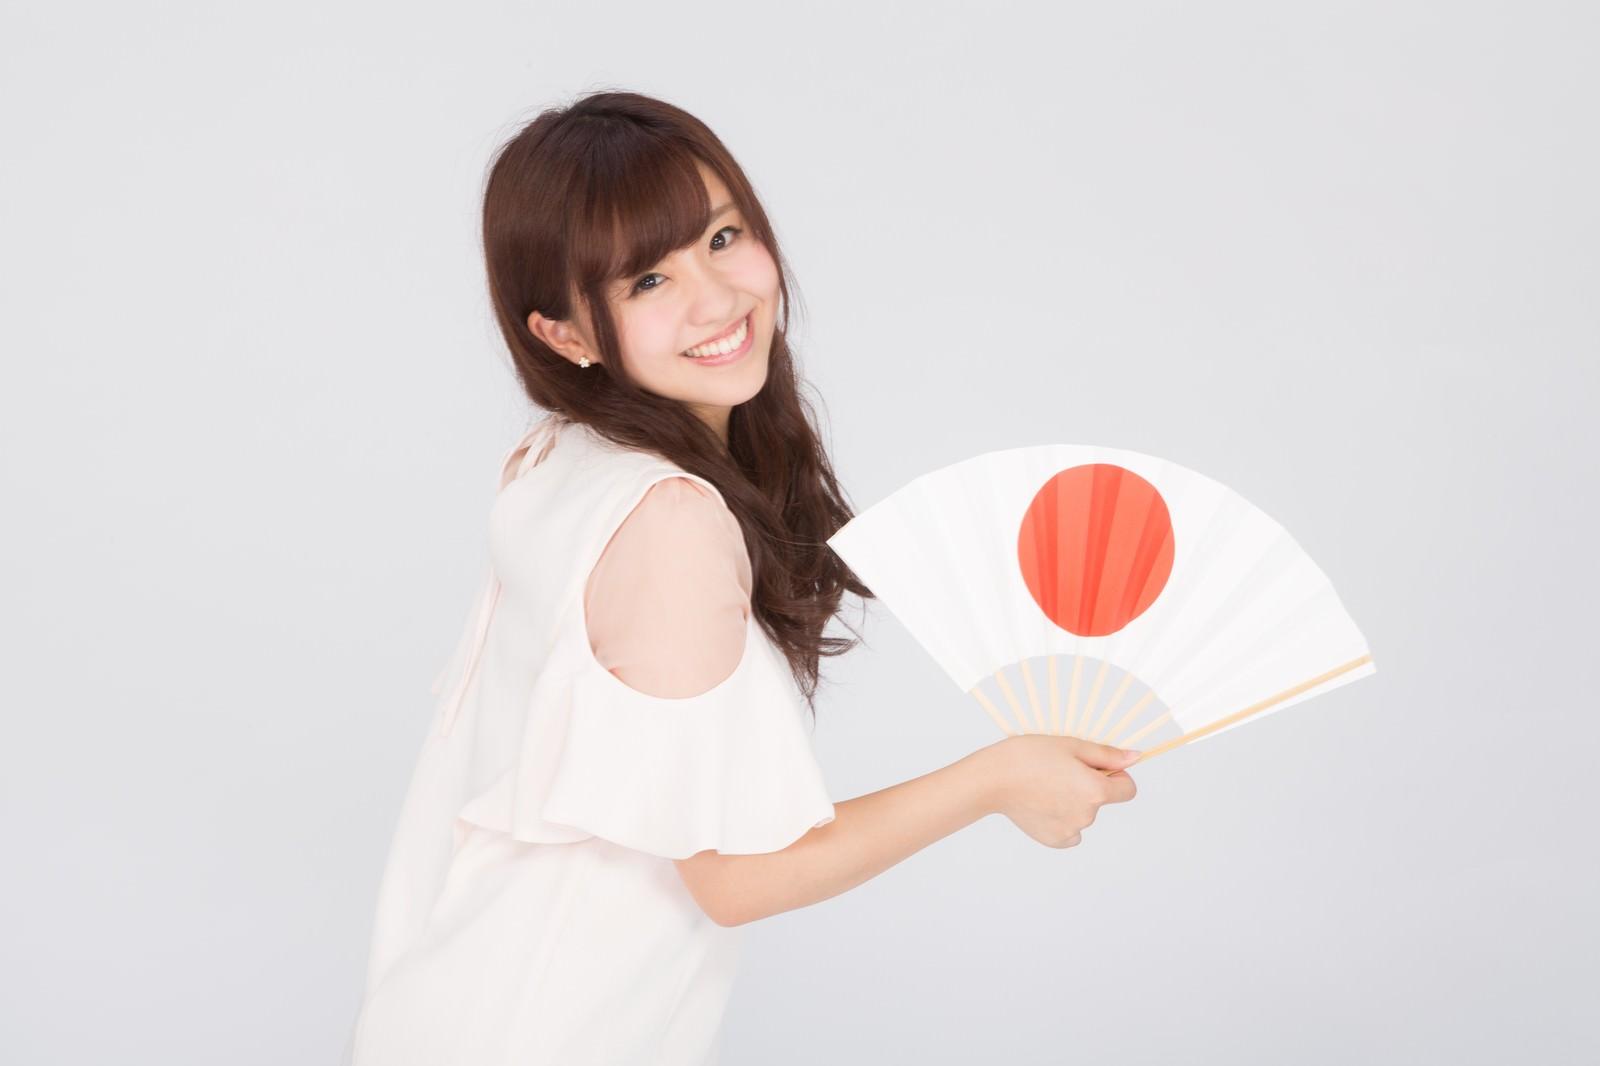 「日本一の笑顔」の写真[モデル:河村友歌]